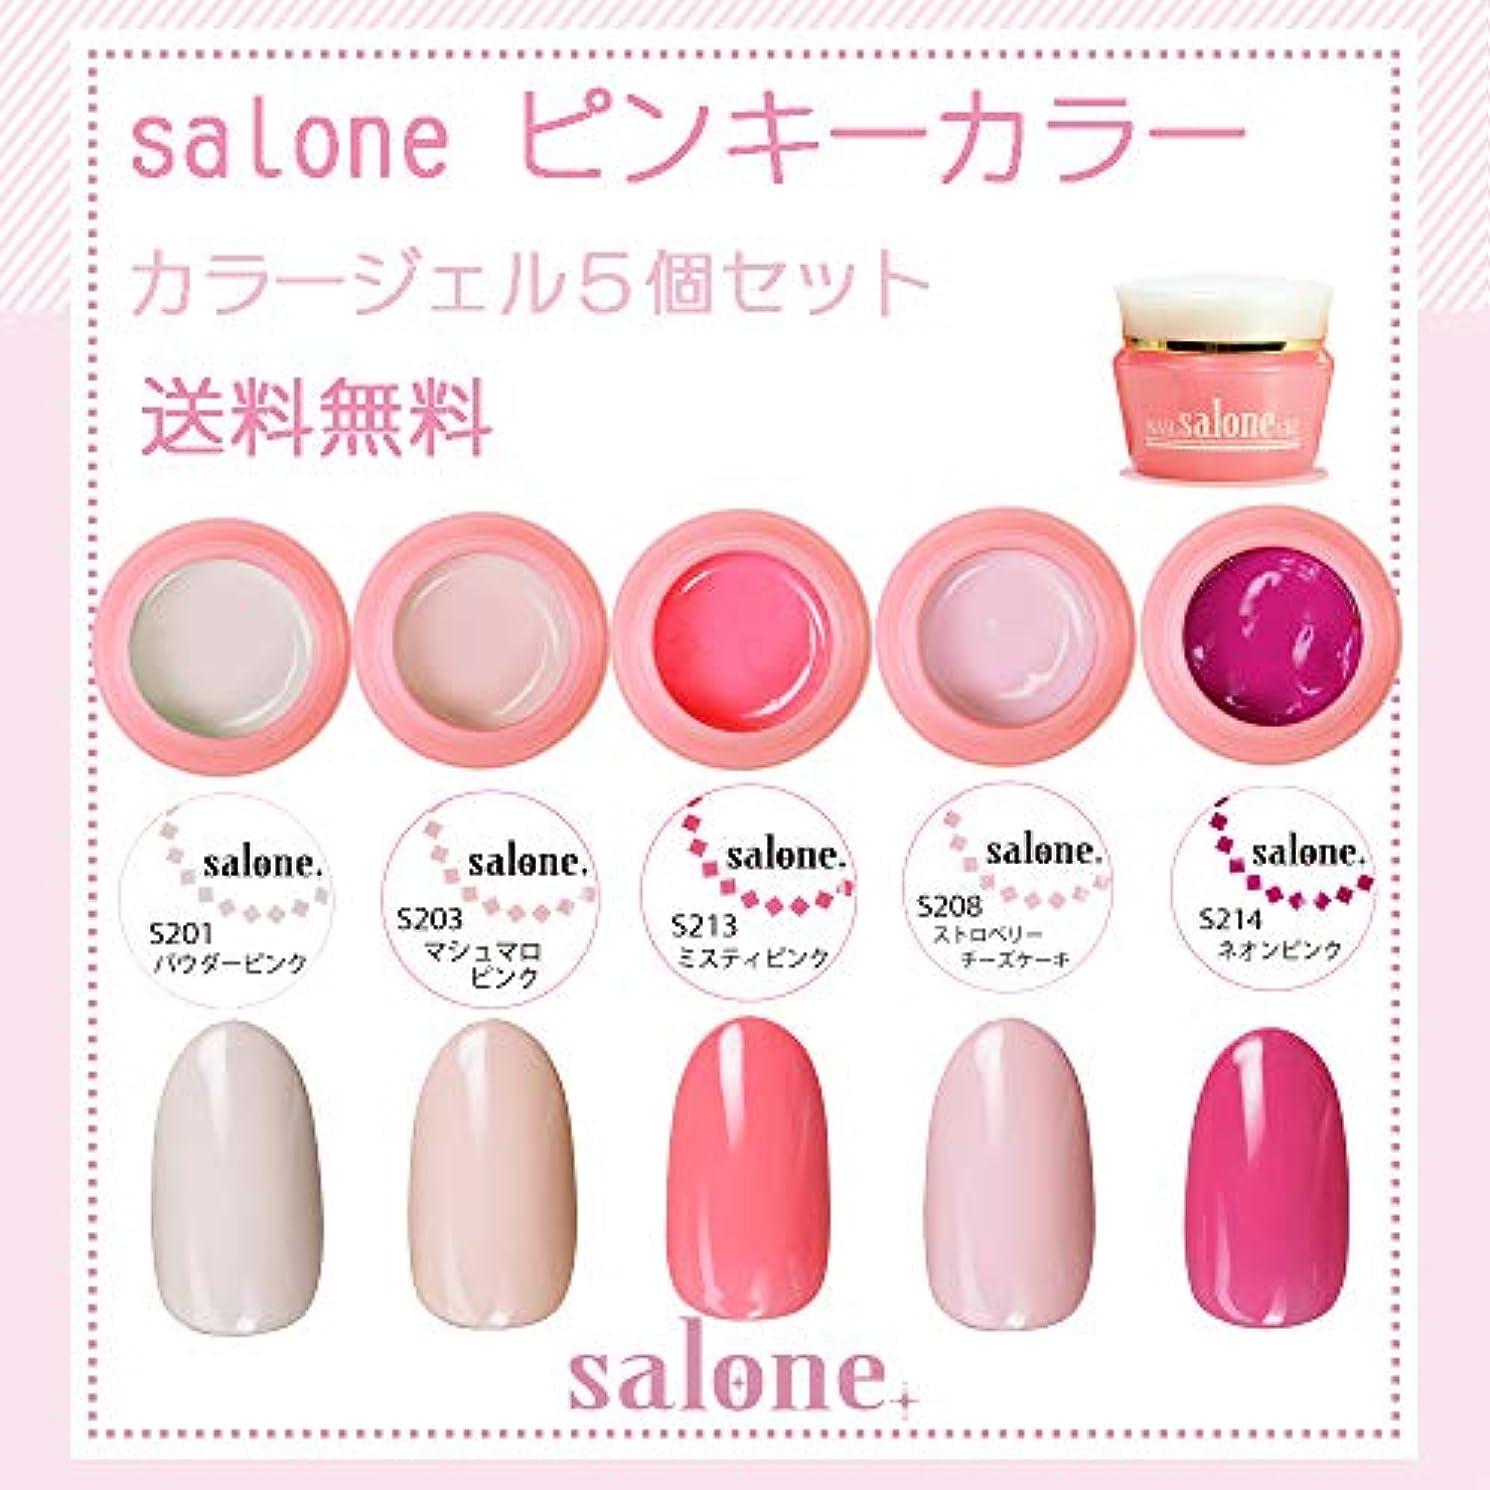 どれかくちばし運搬【送料無料 日本製】Salone ピンキー カラージェル5個セット サロンで人気のネイルのマストアイテムピンキーカラー